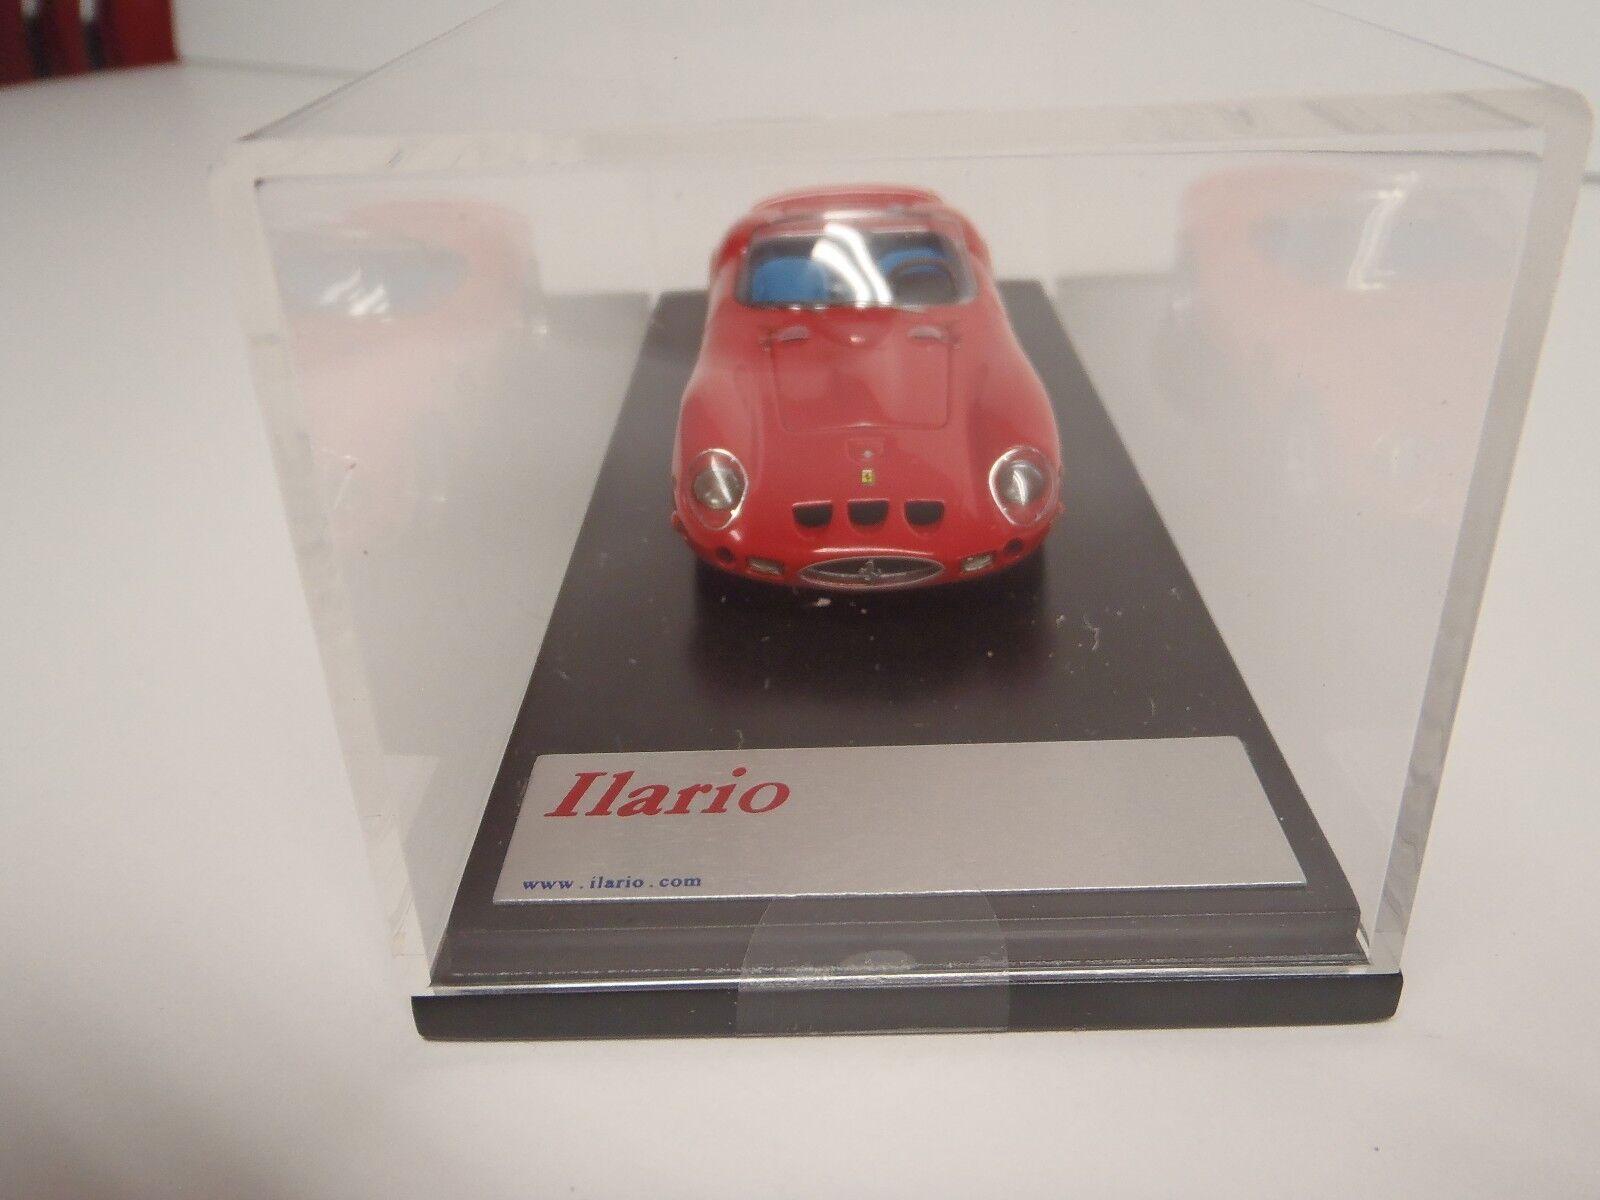 Ferrari 1962 GTO Spyder av Ilario i Frankrike 1  43 röd